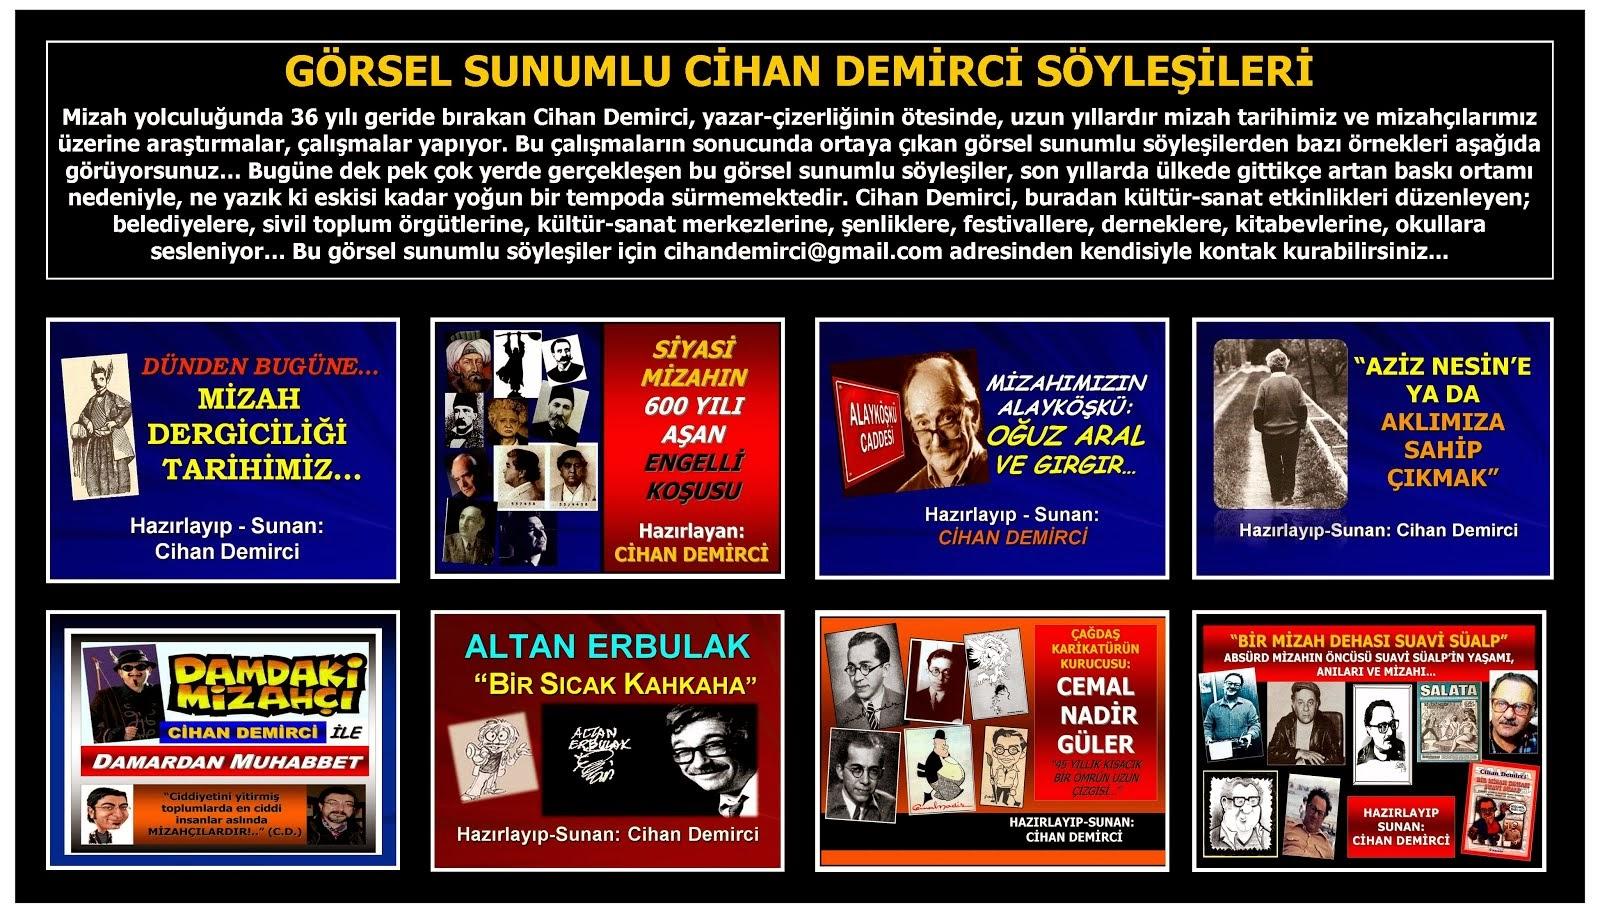 CİHAN DEMİRCİ, KÜLTÜR-SANAT ETKİNLİĞİ DÜZENLEYENLERE SESLENİYOR!..